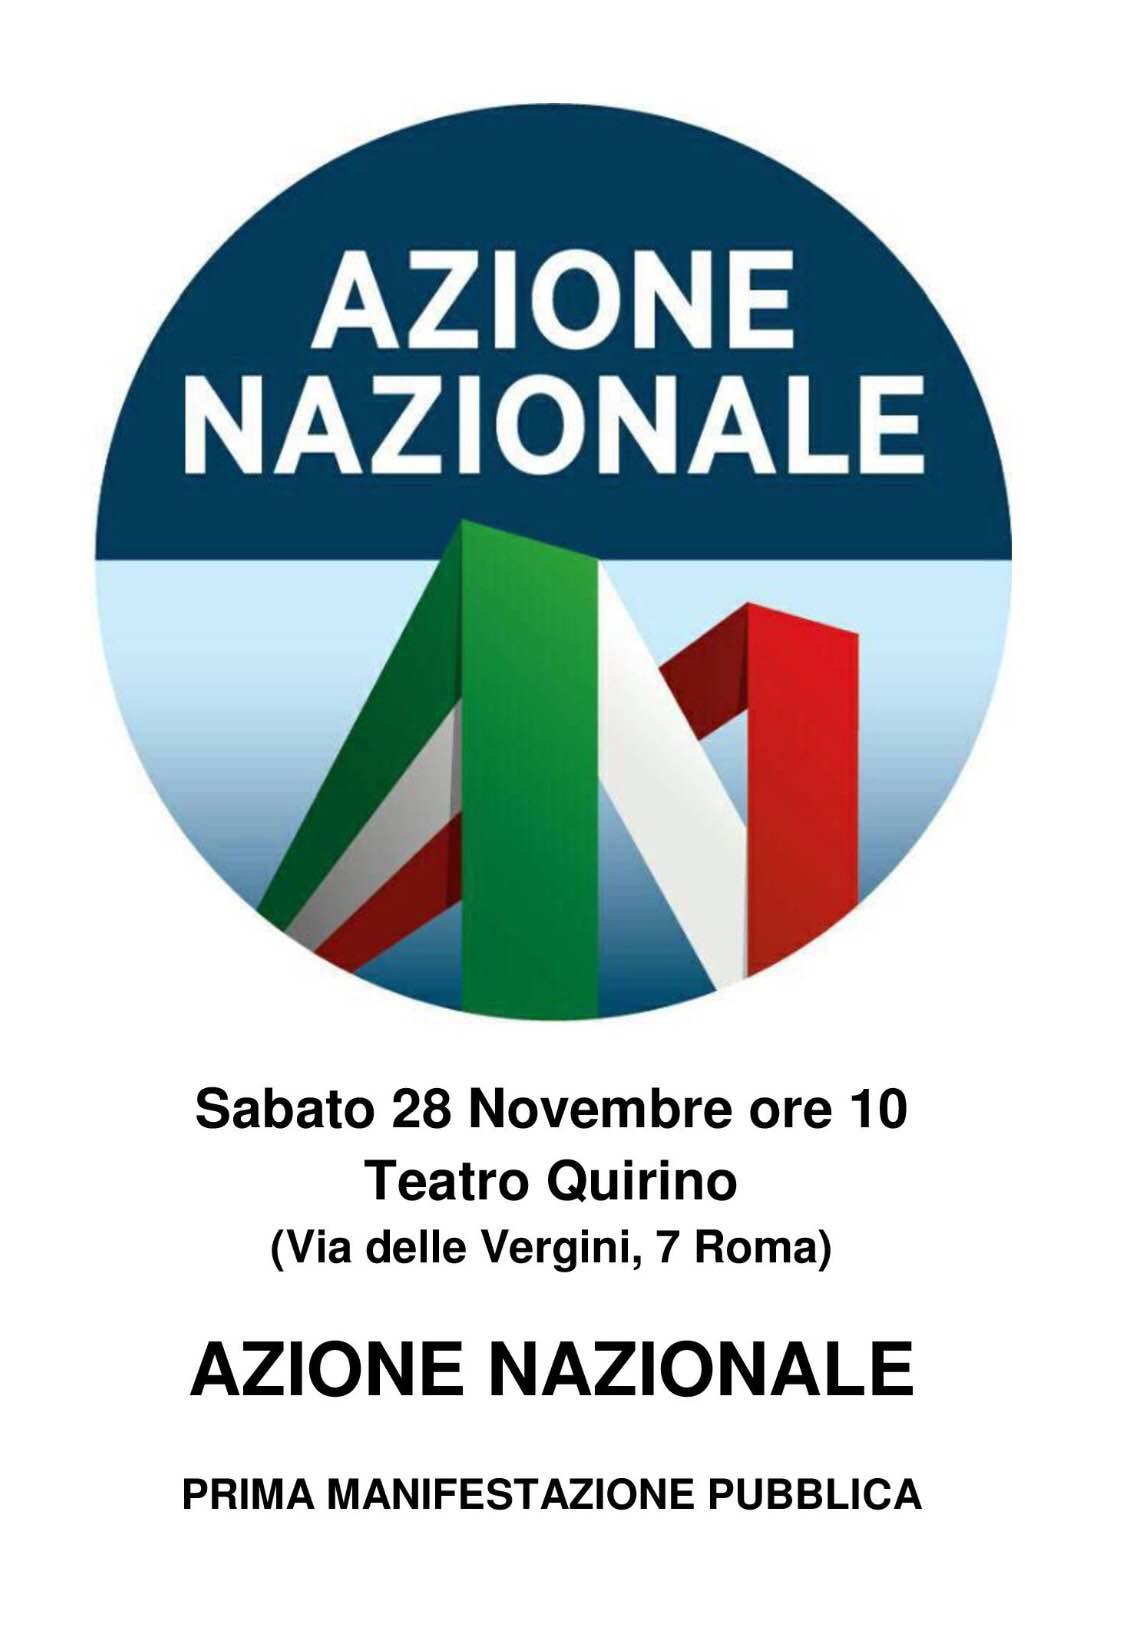 Manifestazione Azione nazionale